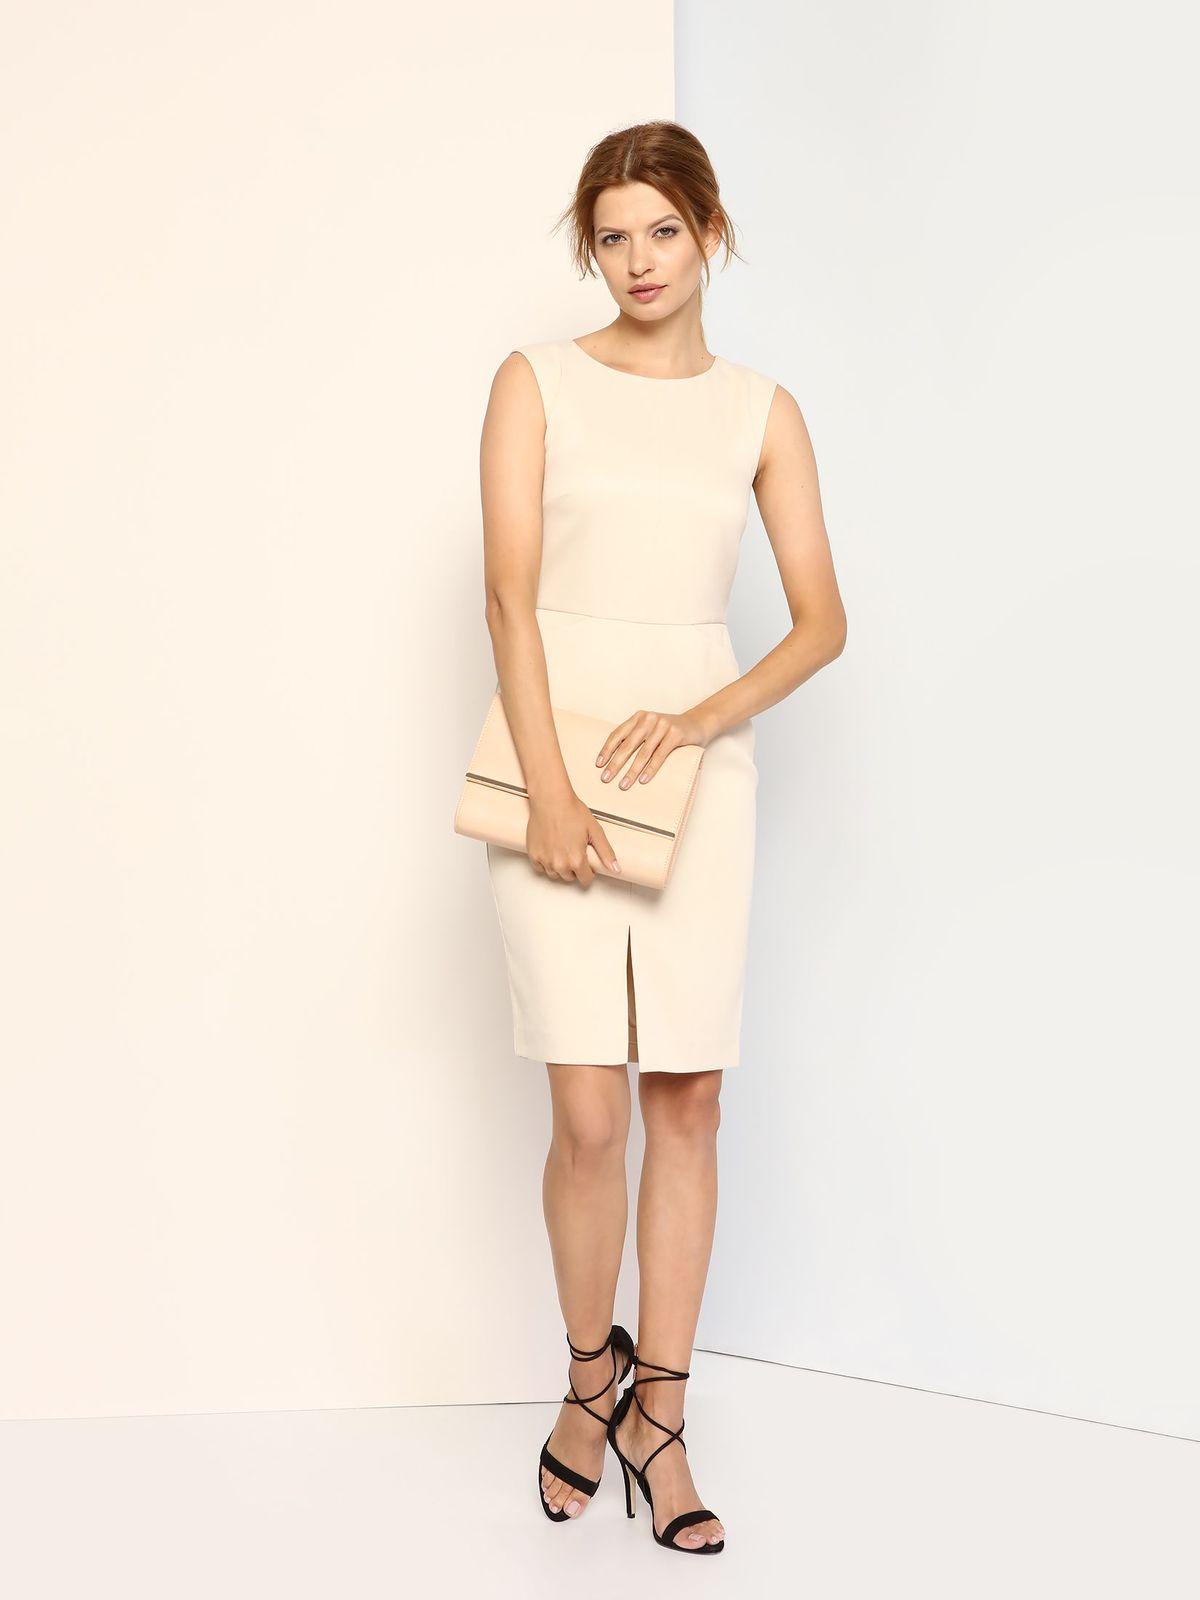 Платье Top Secret, цвет: светло-бежевый. SSU1622KR. Размер 36 (42)SSU1622KRПлатье Top Secret выполнено из полиэстера с добавлением эластана и дополнено подкладкой из 100% полиэстера. Платье-миди с круглым вырезом горловины застегивается на потайную застежку-молнию расположенную в среднем шве спинки. Перед модели дополнен двумя втачными карманами и небольшим разрезом.